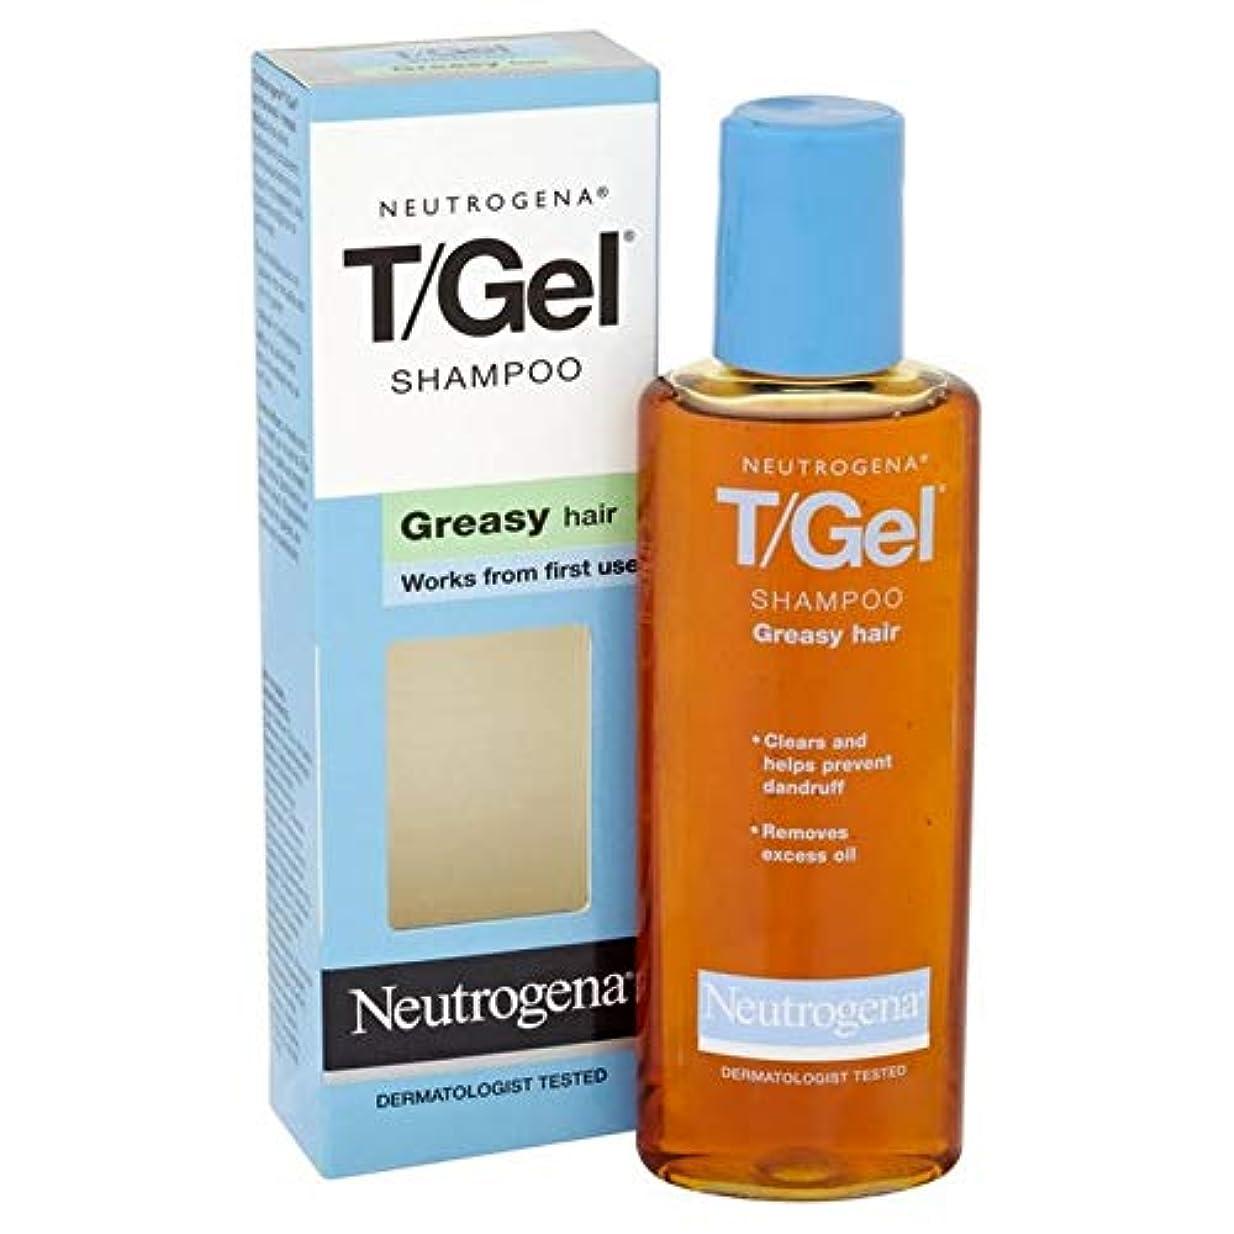 中央値少なくとも非行[Neutrogena ] 脂ぎった髪の125ミリリットルのためのニュートロジーナトン/ゲルシャンプー - Neutrogena T/Gel Shampoo for Greasy Hair 125ml [並行輸入品]